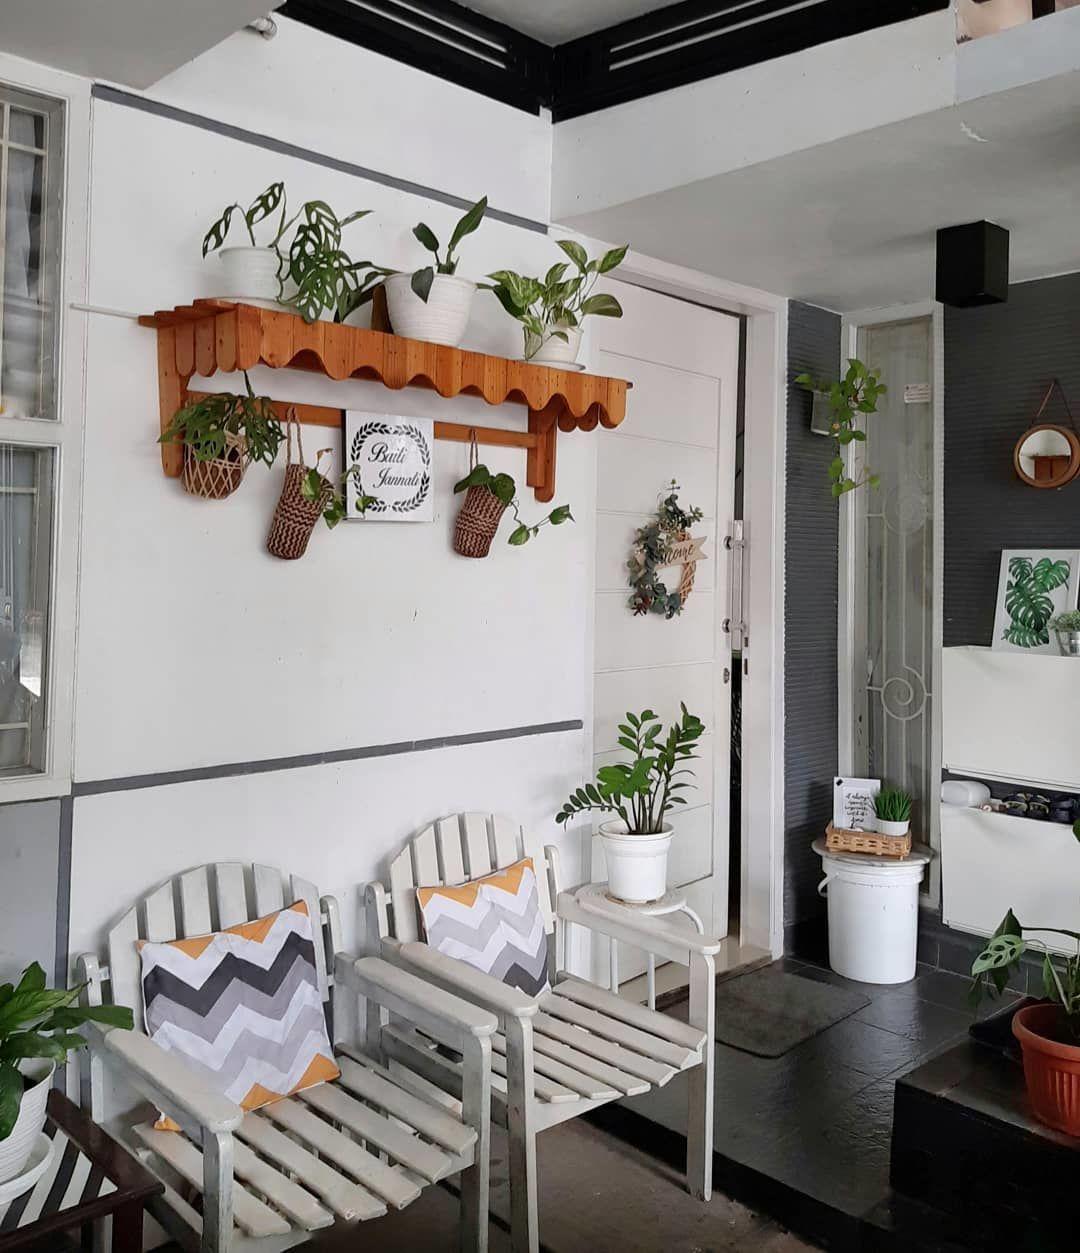 Inspirasi Desain Dekorasi Rumah Menggunakan Bahan Daur Ulang